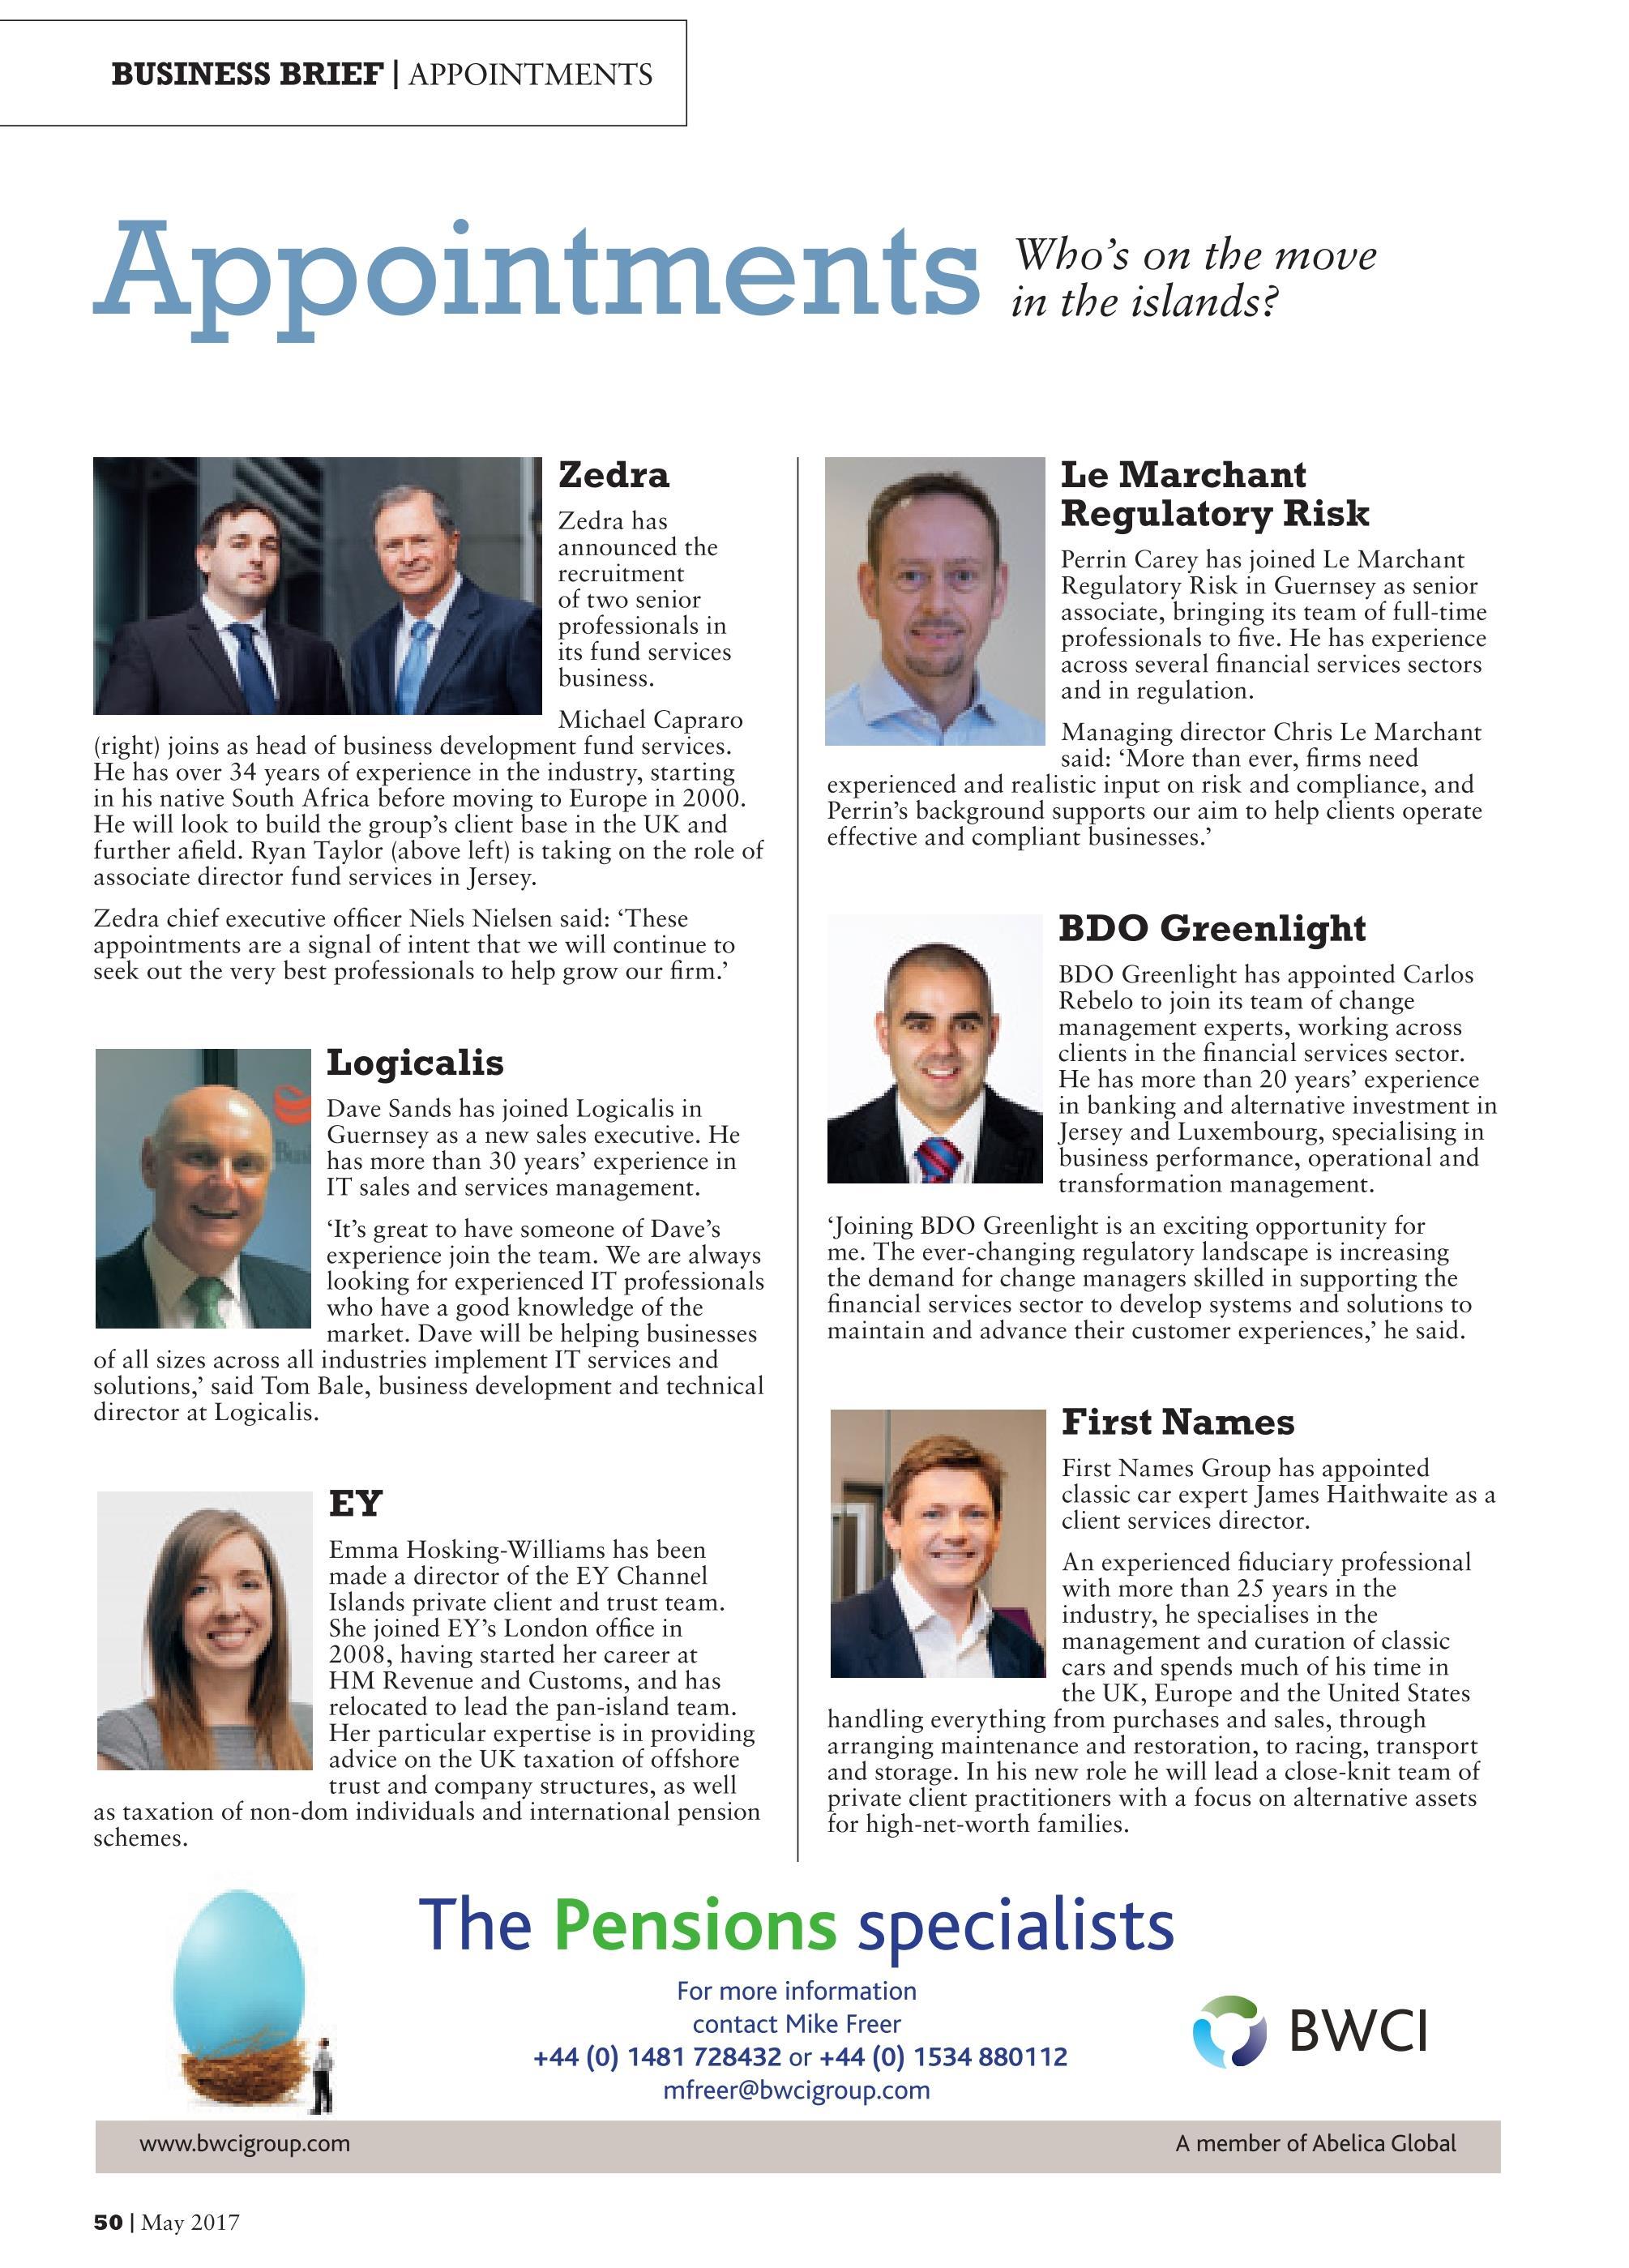 BDO Greenlight Business Brief.jpg